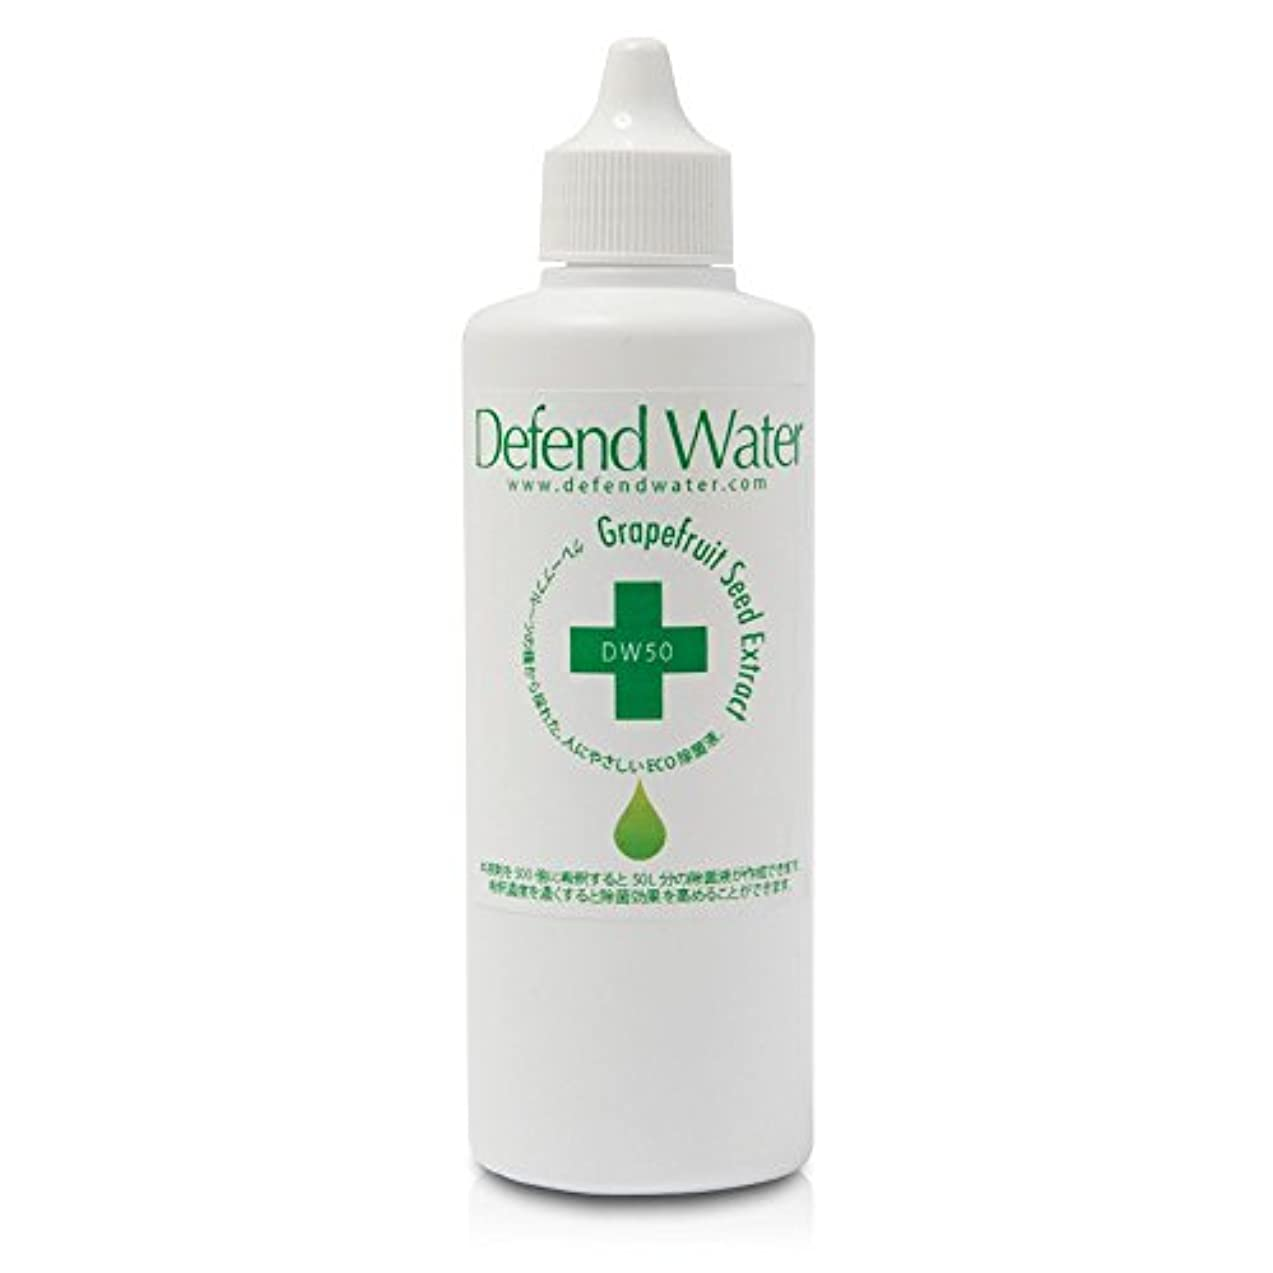 ポンペイ浸透する国アロマオイルと一緒に使う空間除菌液、天然エコ除菌液「ディフェンドウォーター」DW50